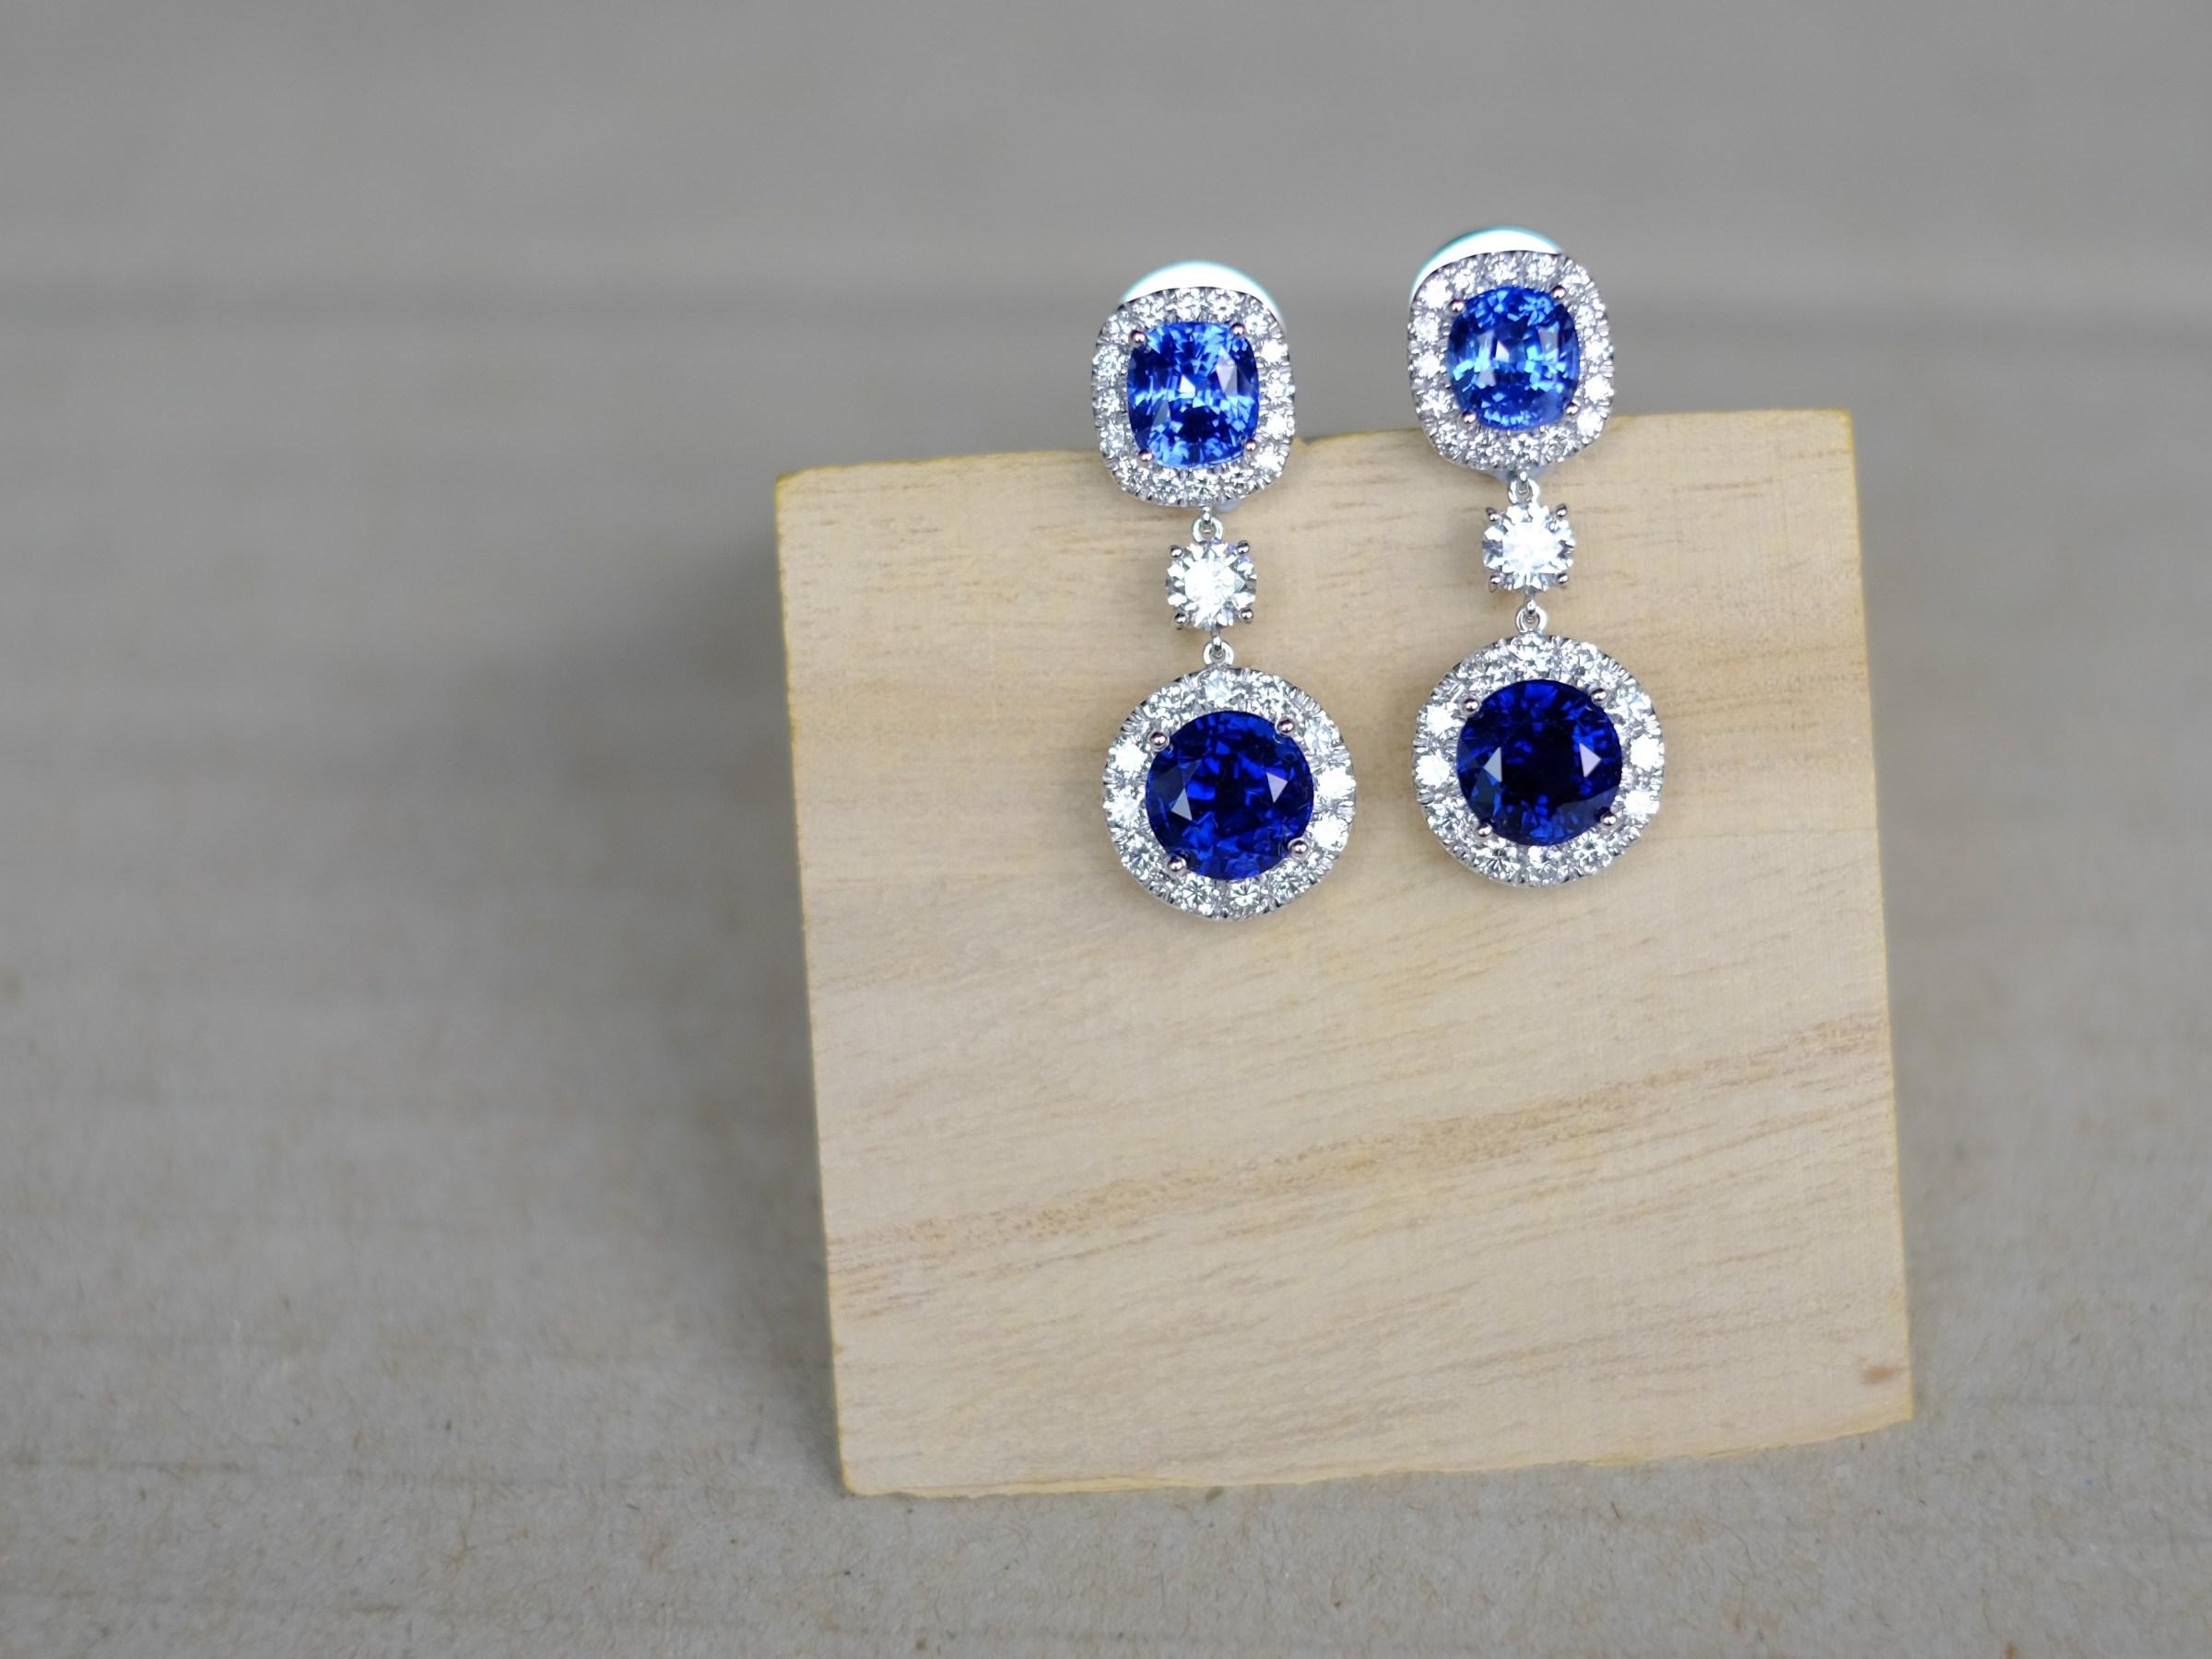 Unheat Blue Sapphire Earrings